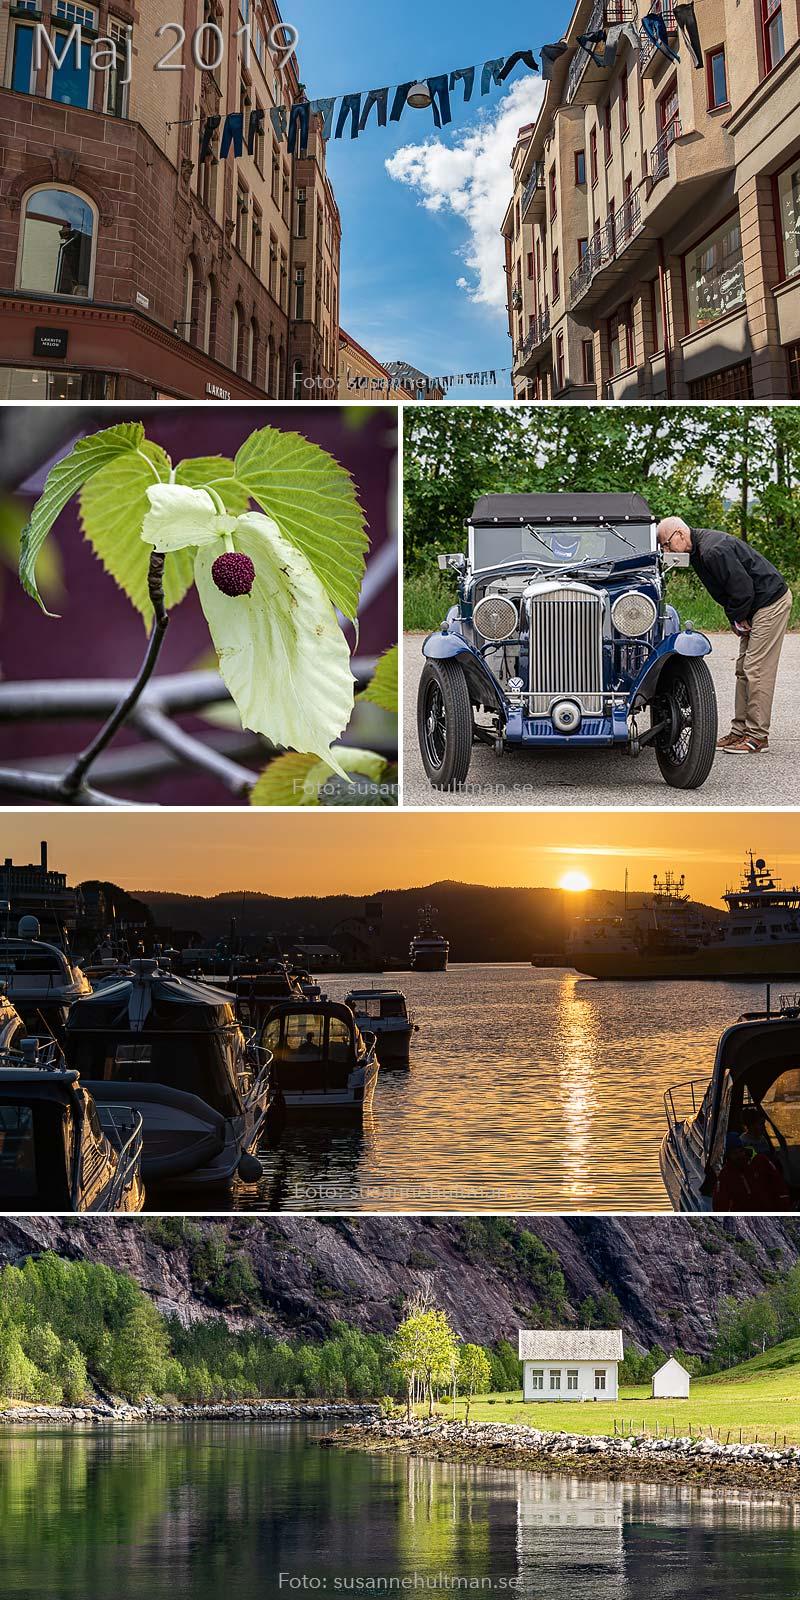 Jenas, näsduksträd, veteranbil, solnedgång och hus vid vatten.